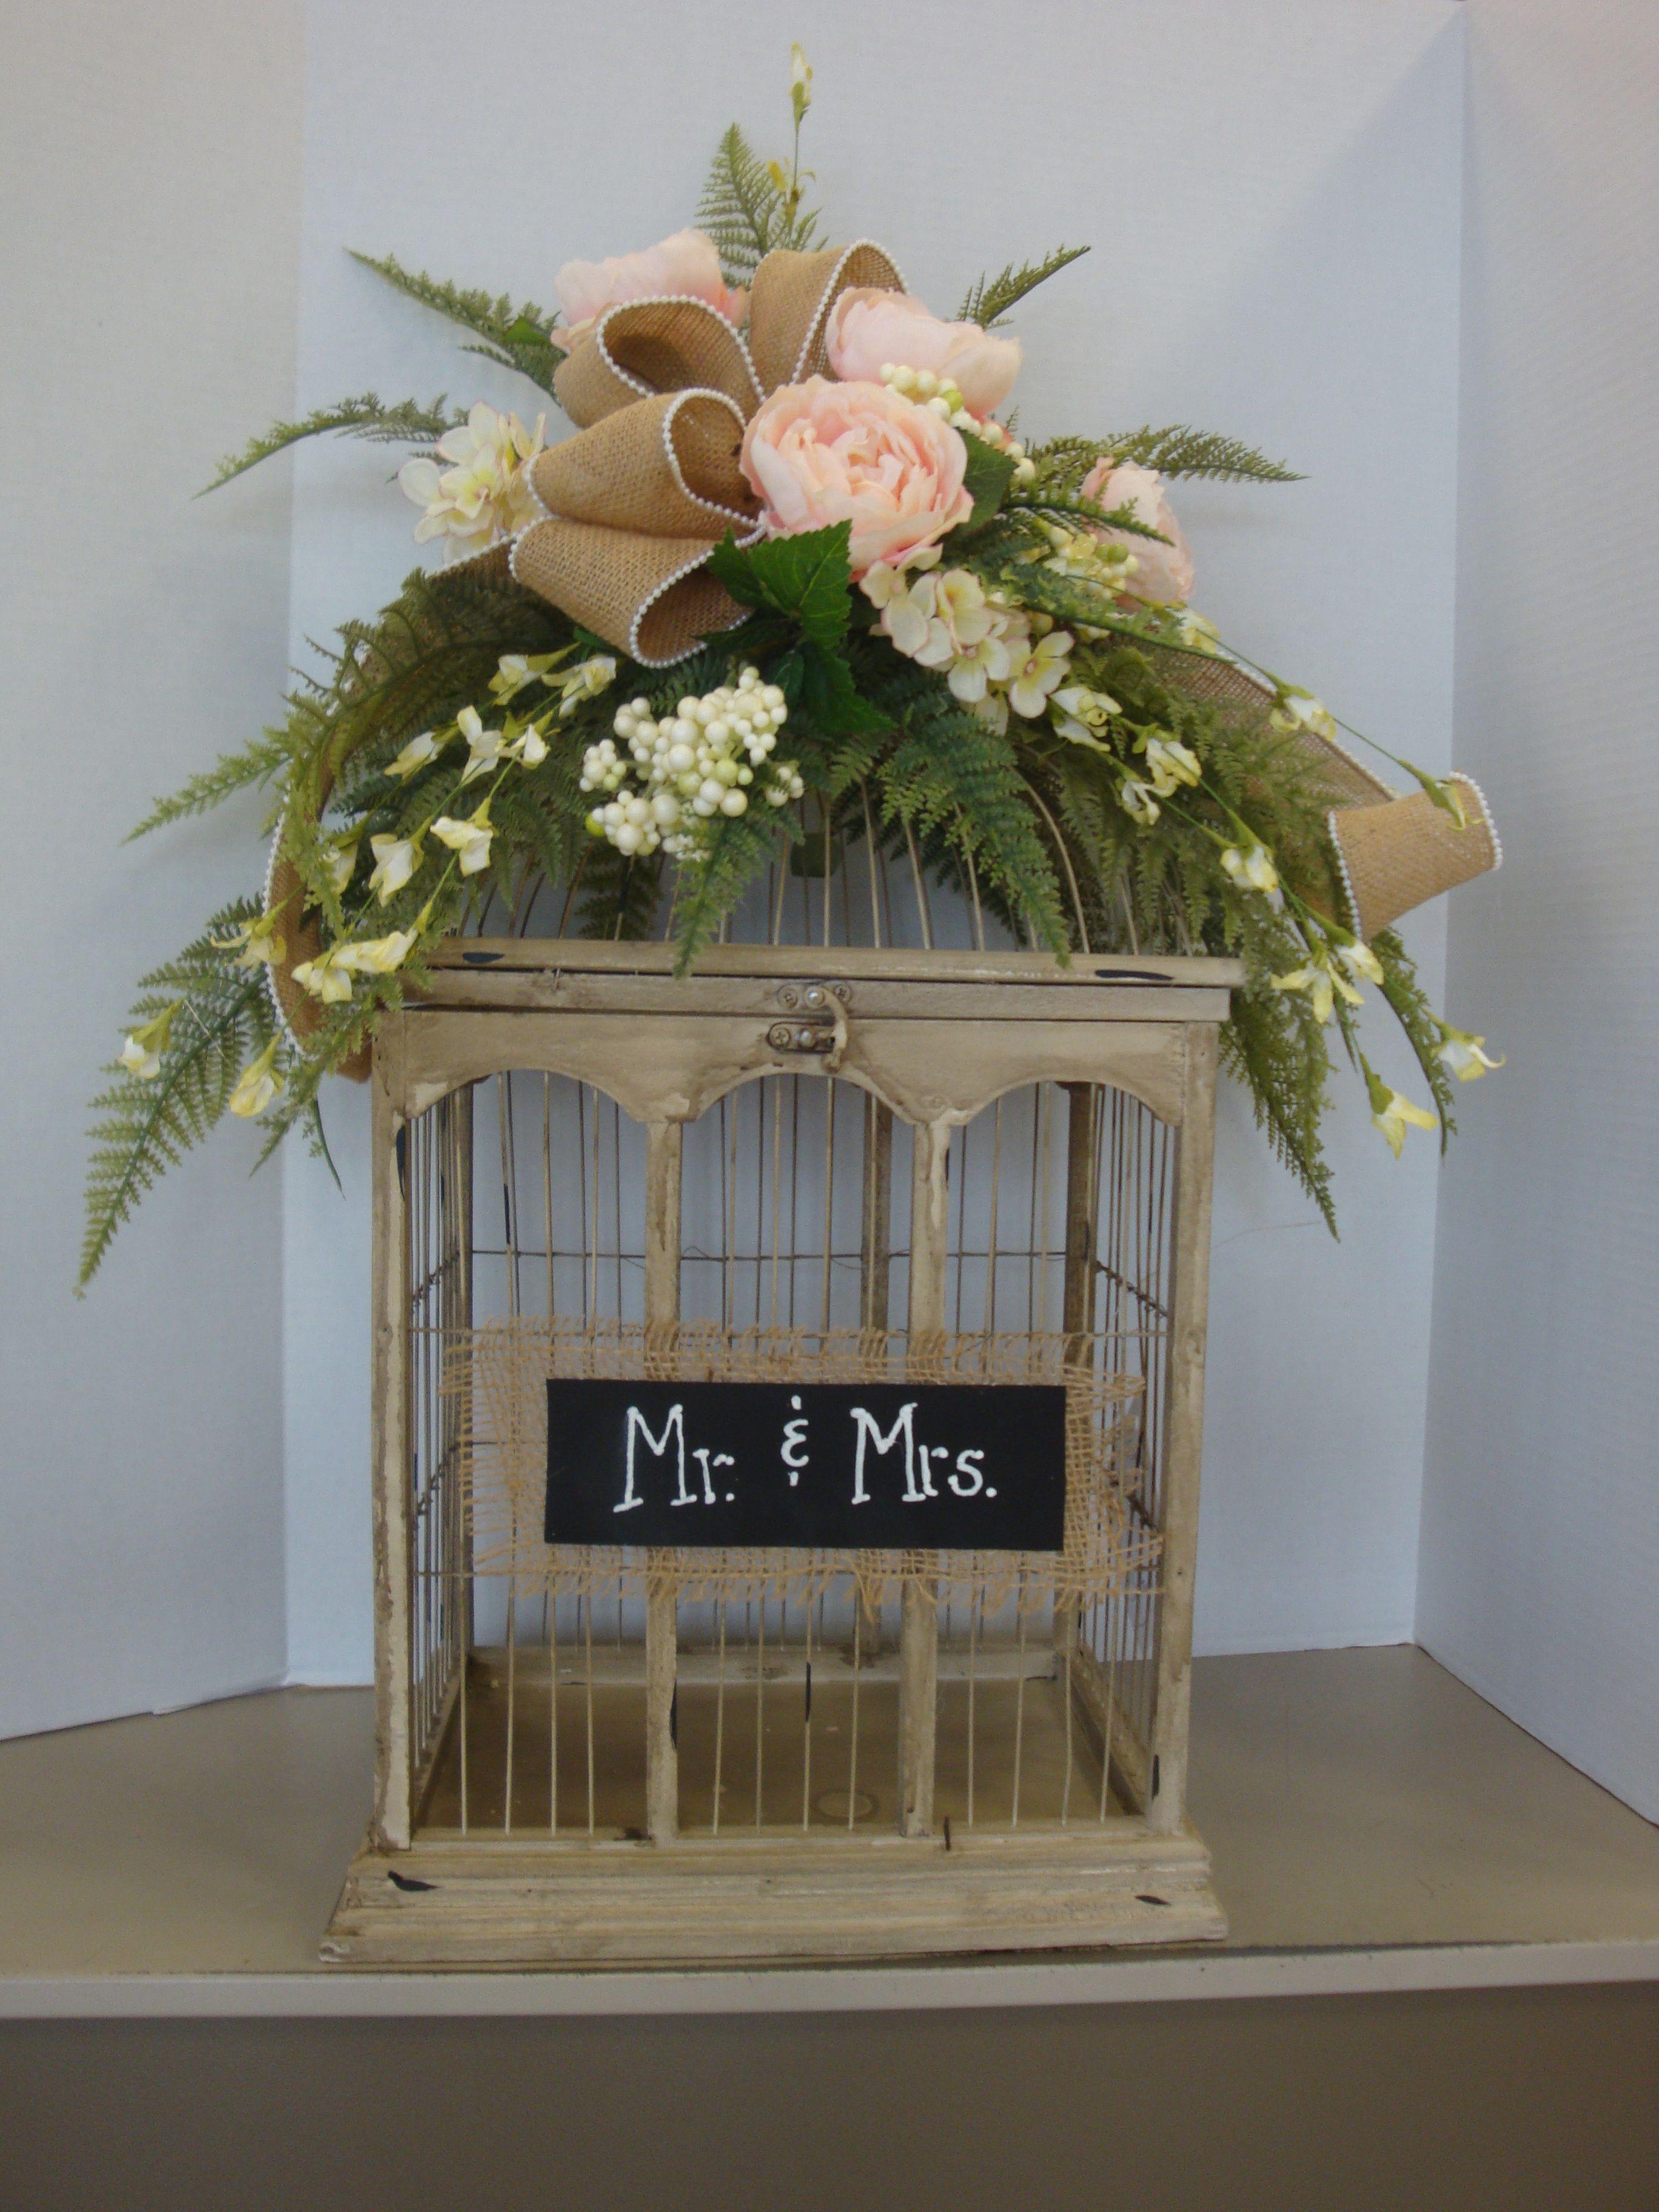 Burlap and floral birdcage wedding card holder designed by